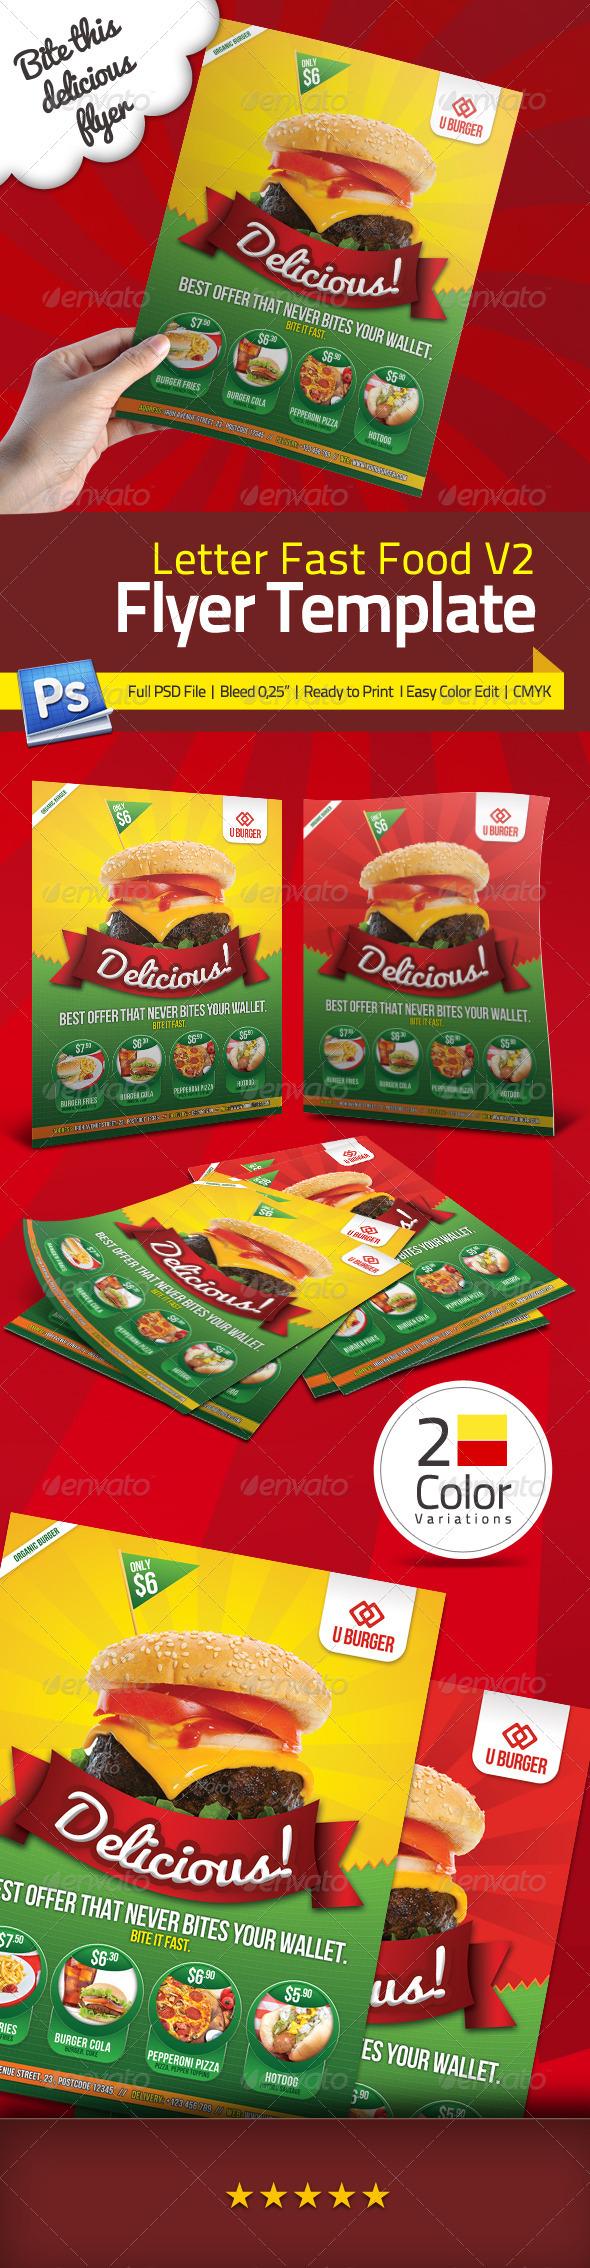 Fast Food Flyer V2